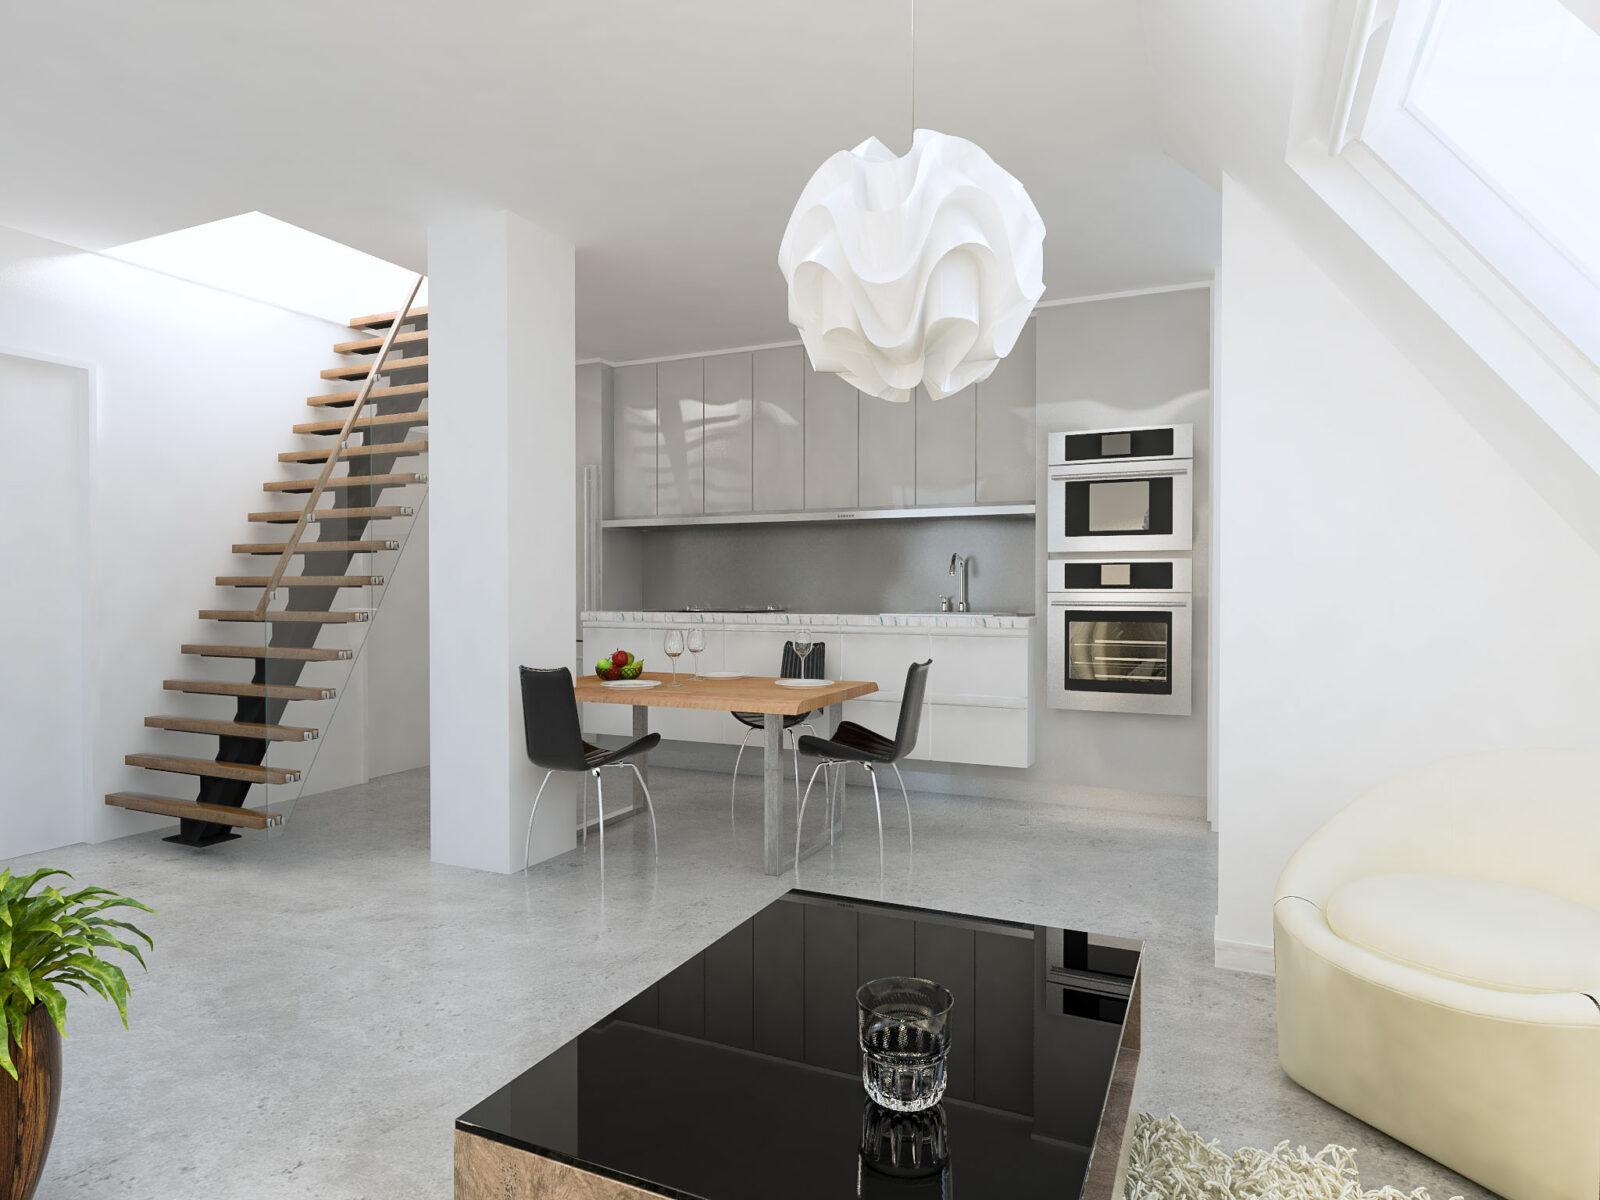 Wohnzimmer mit Küche und Treppe